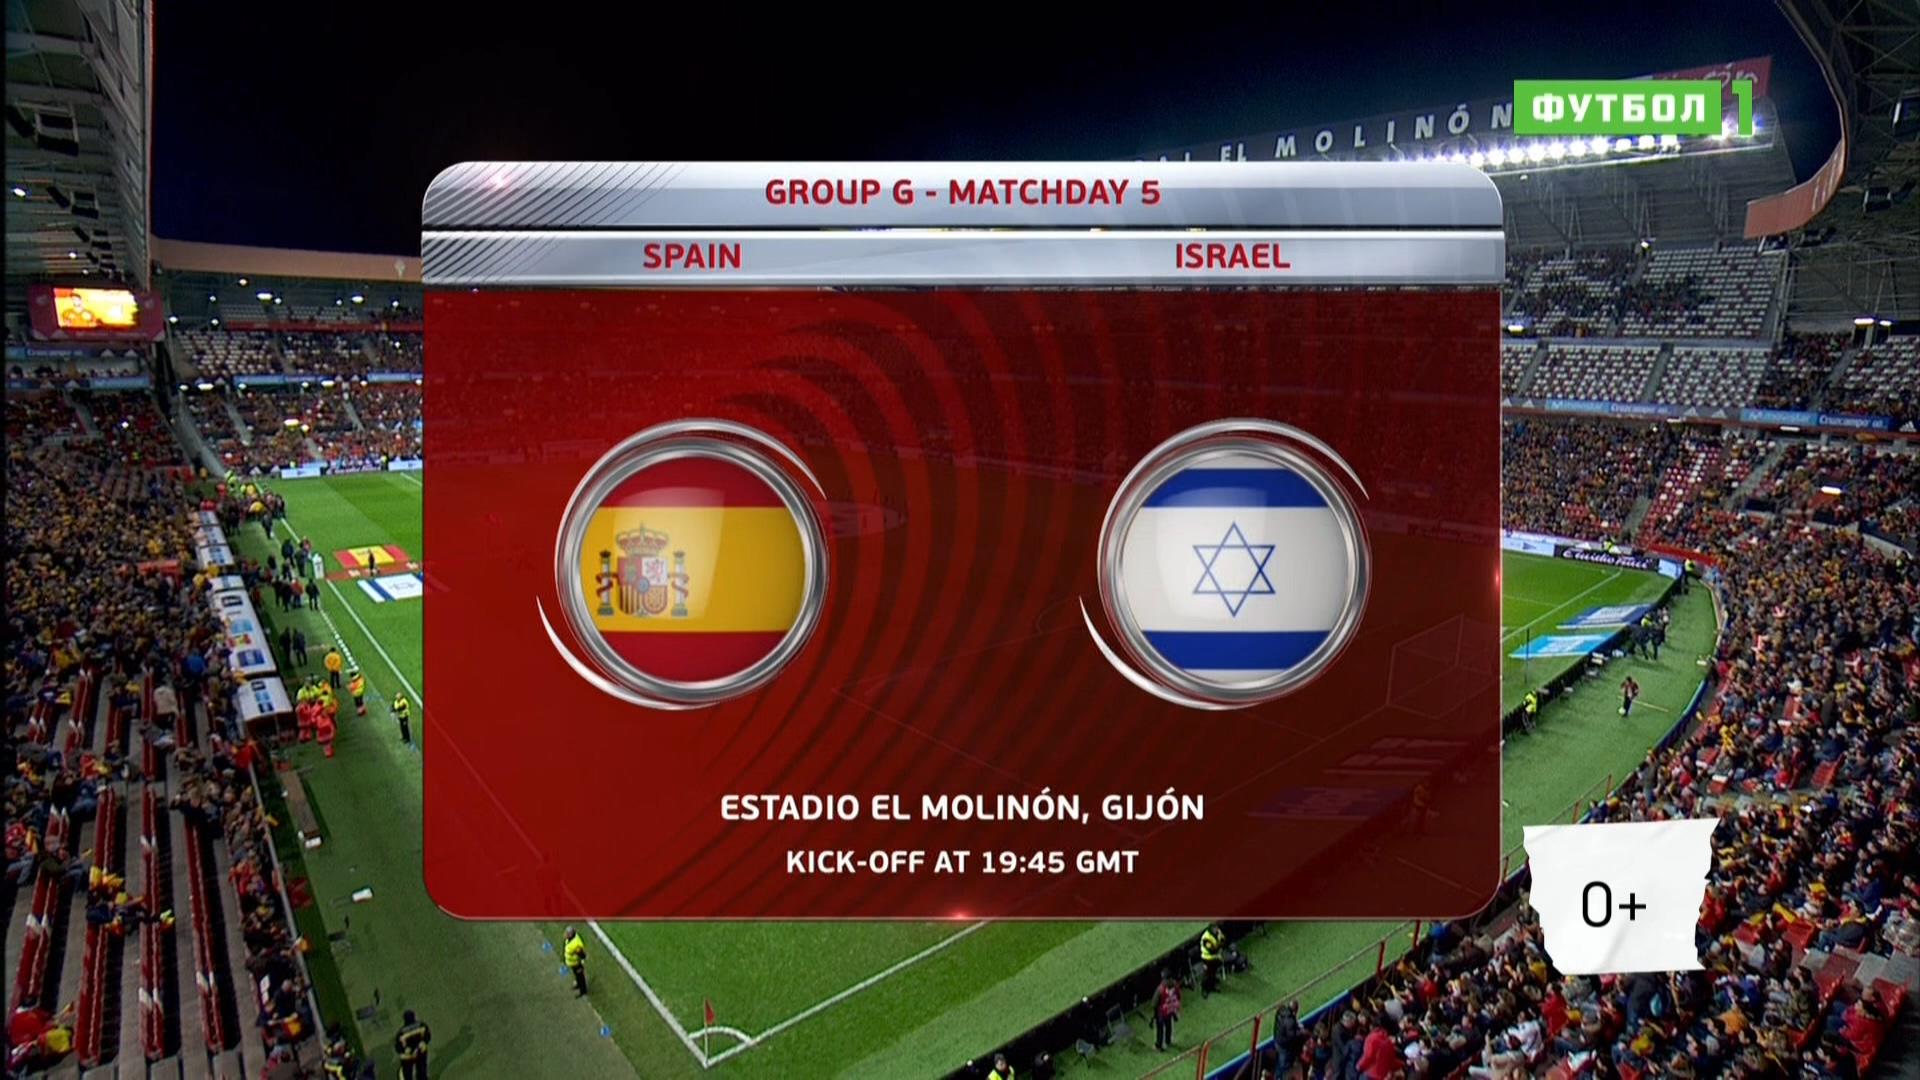 Матч испания израиль